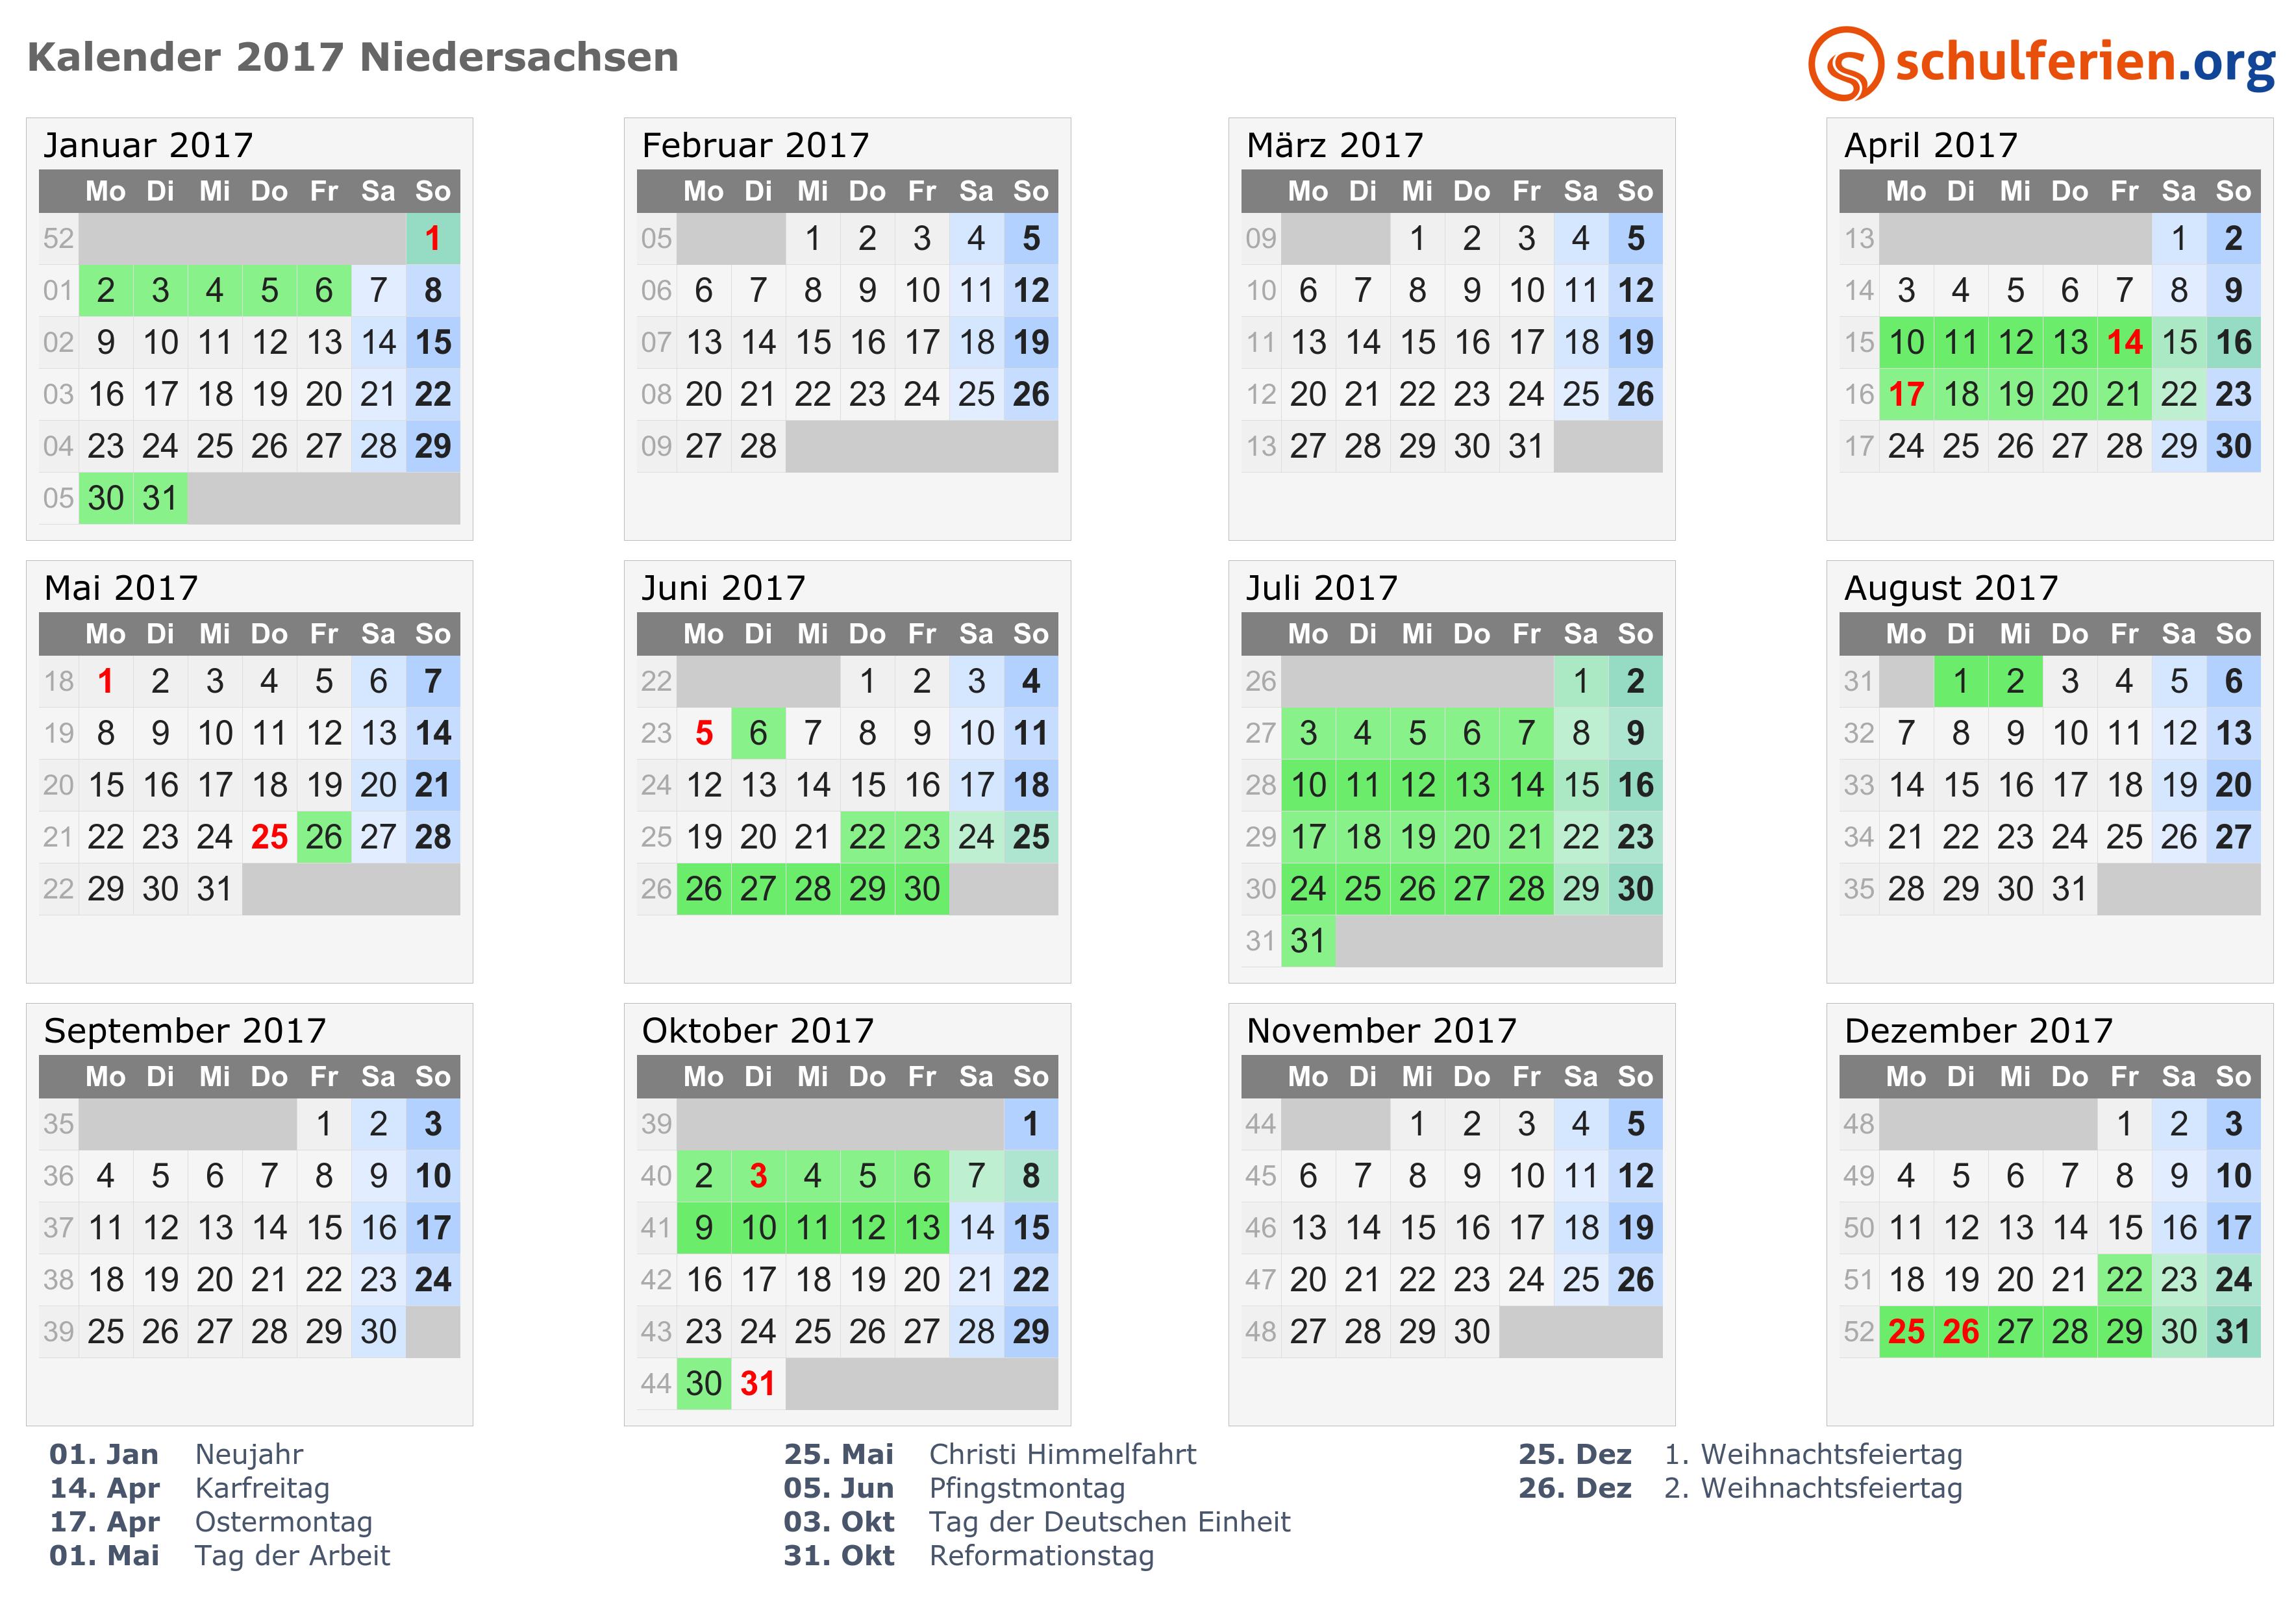 Kalender 2017 mit Ferien und Feiertagen Niedersachsen